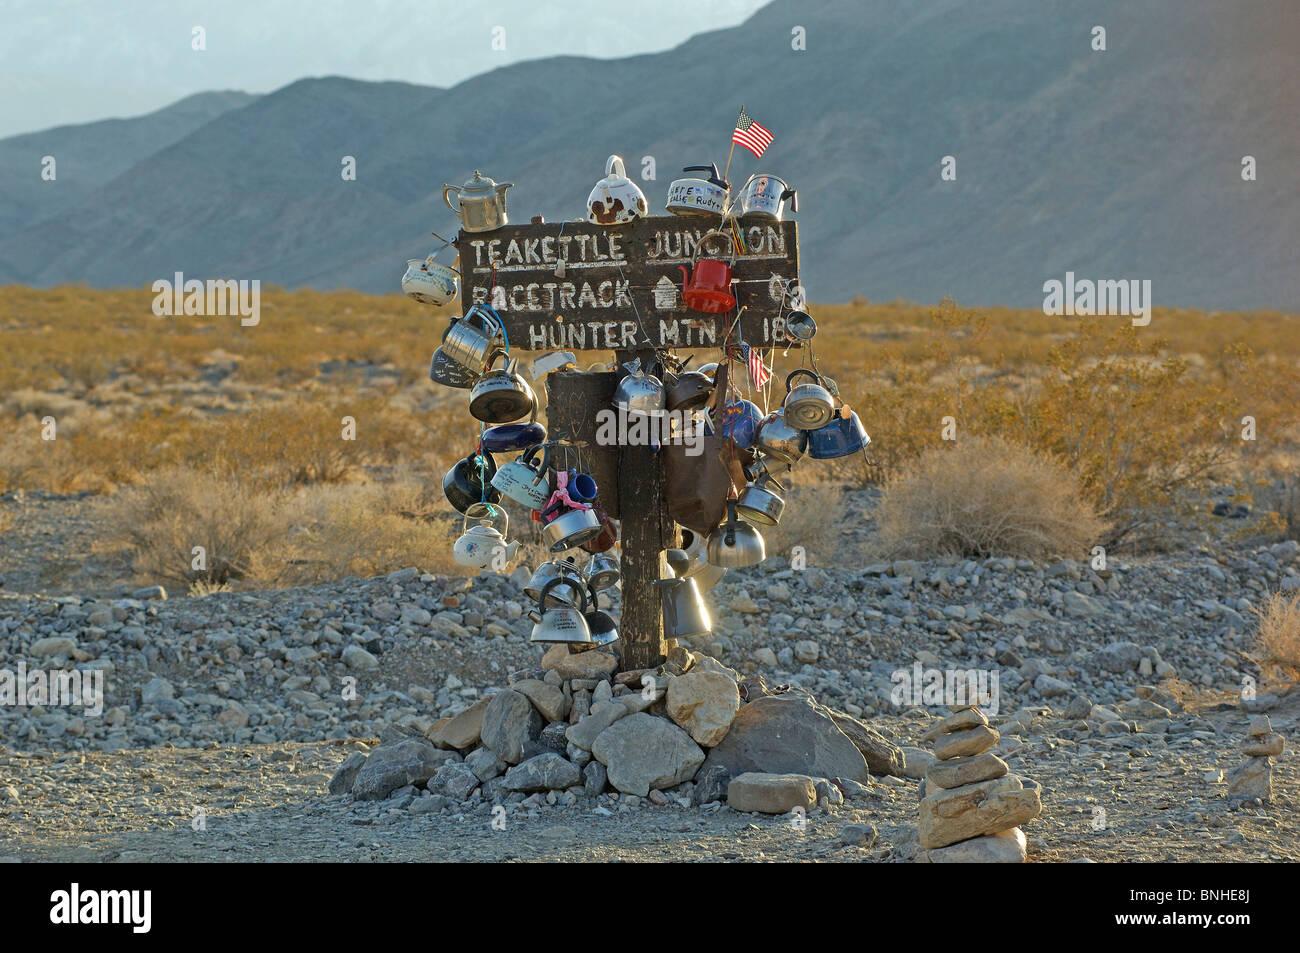 USA-California-Wasserkocher-Kreuzung in der Nähe Rennbahn Death Valley Nationalpark Wasserkocher Tee Zeichen Stockbild